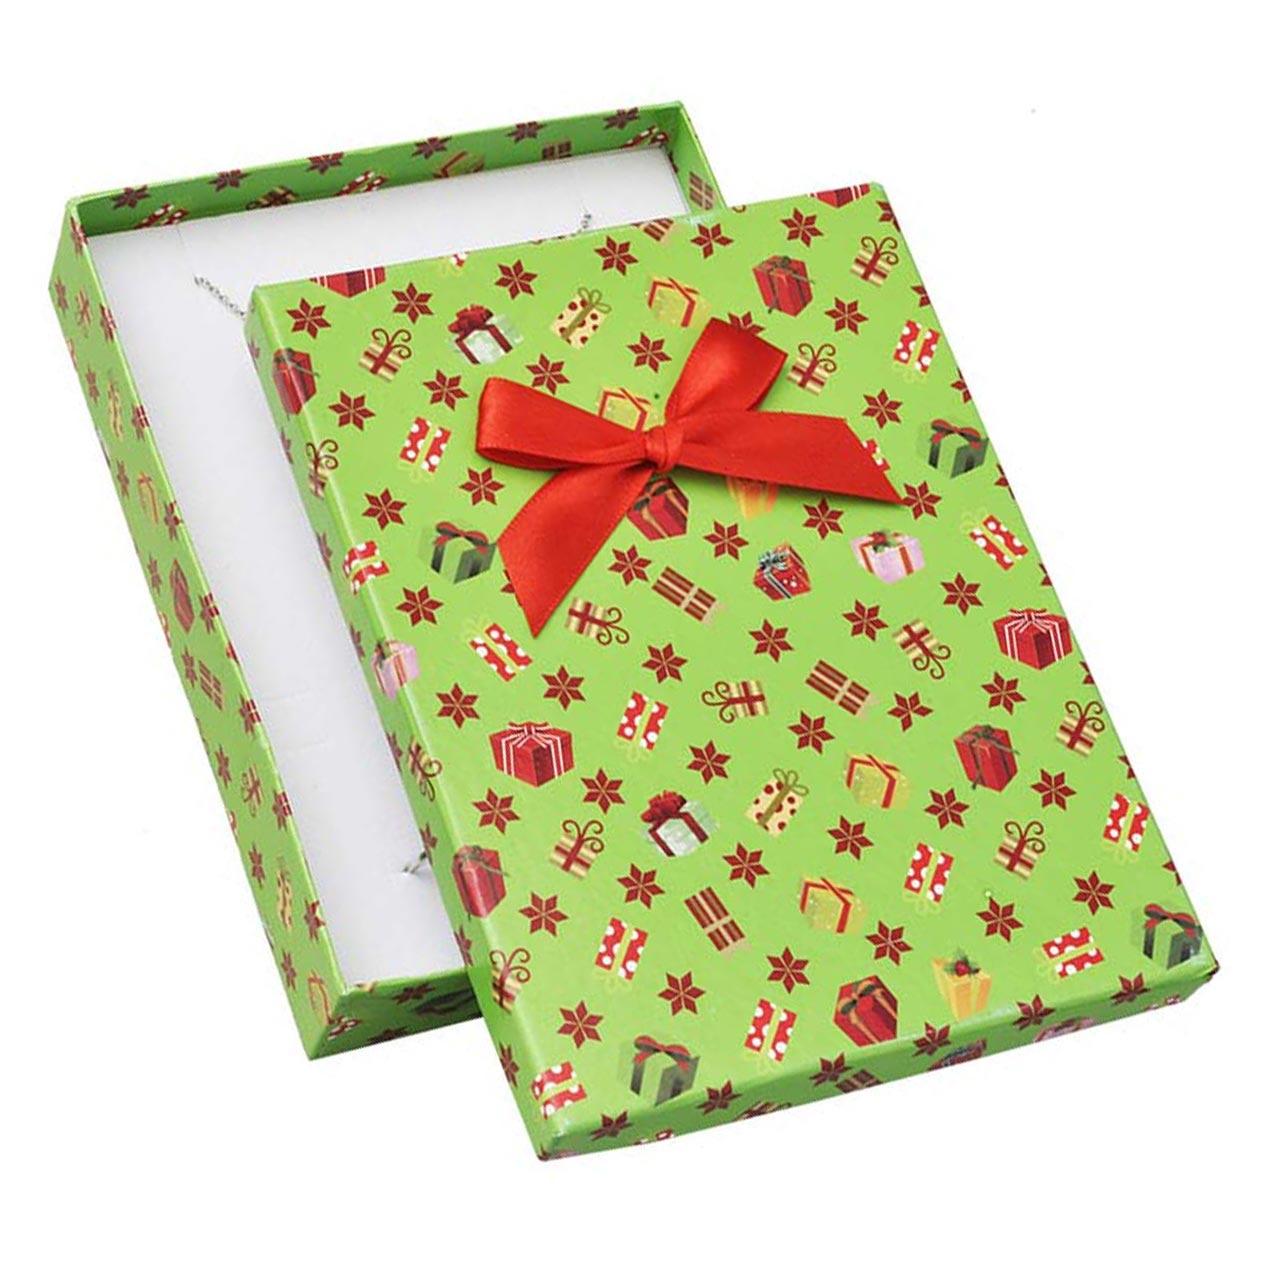 Veká vánoční dárková krabička na soupravu šperků